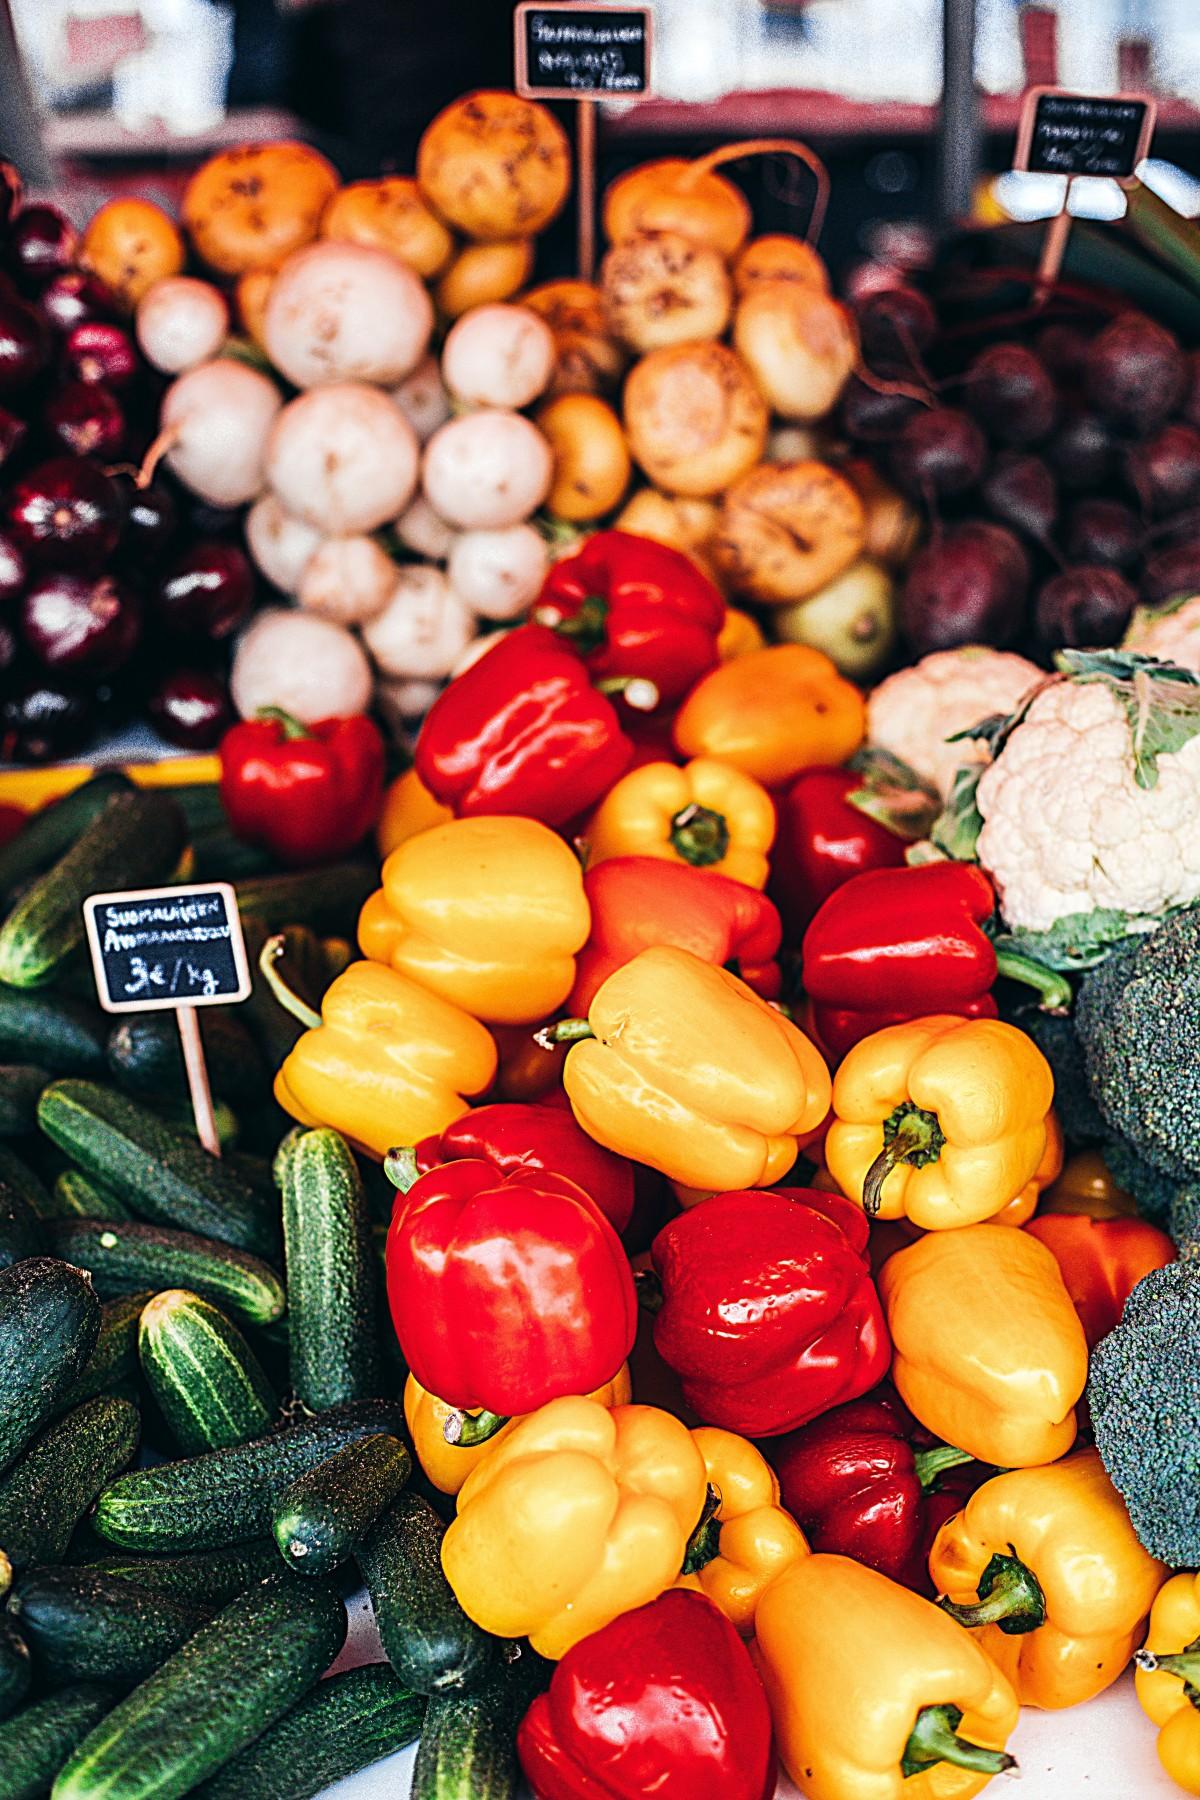 Натуральные продукты Овощной производить местная еда Пища фрукты Вегетарианская еда вся еда Диетическое питание Болгарский перец и перец чили Рынок Рынок